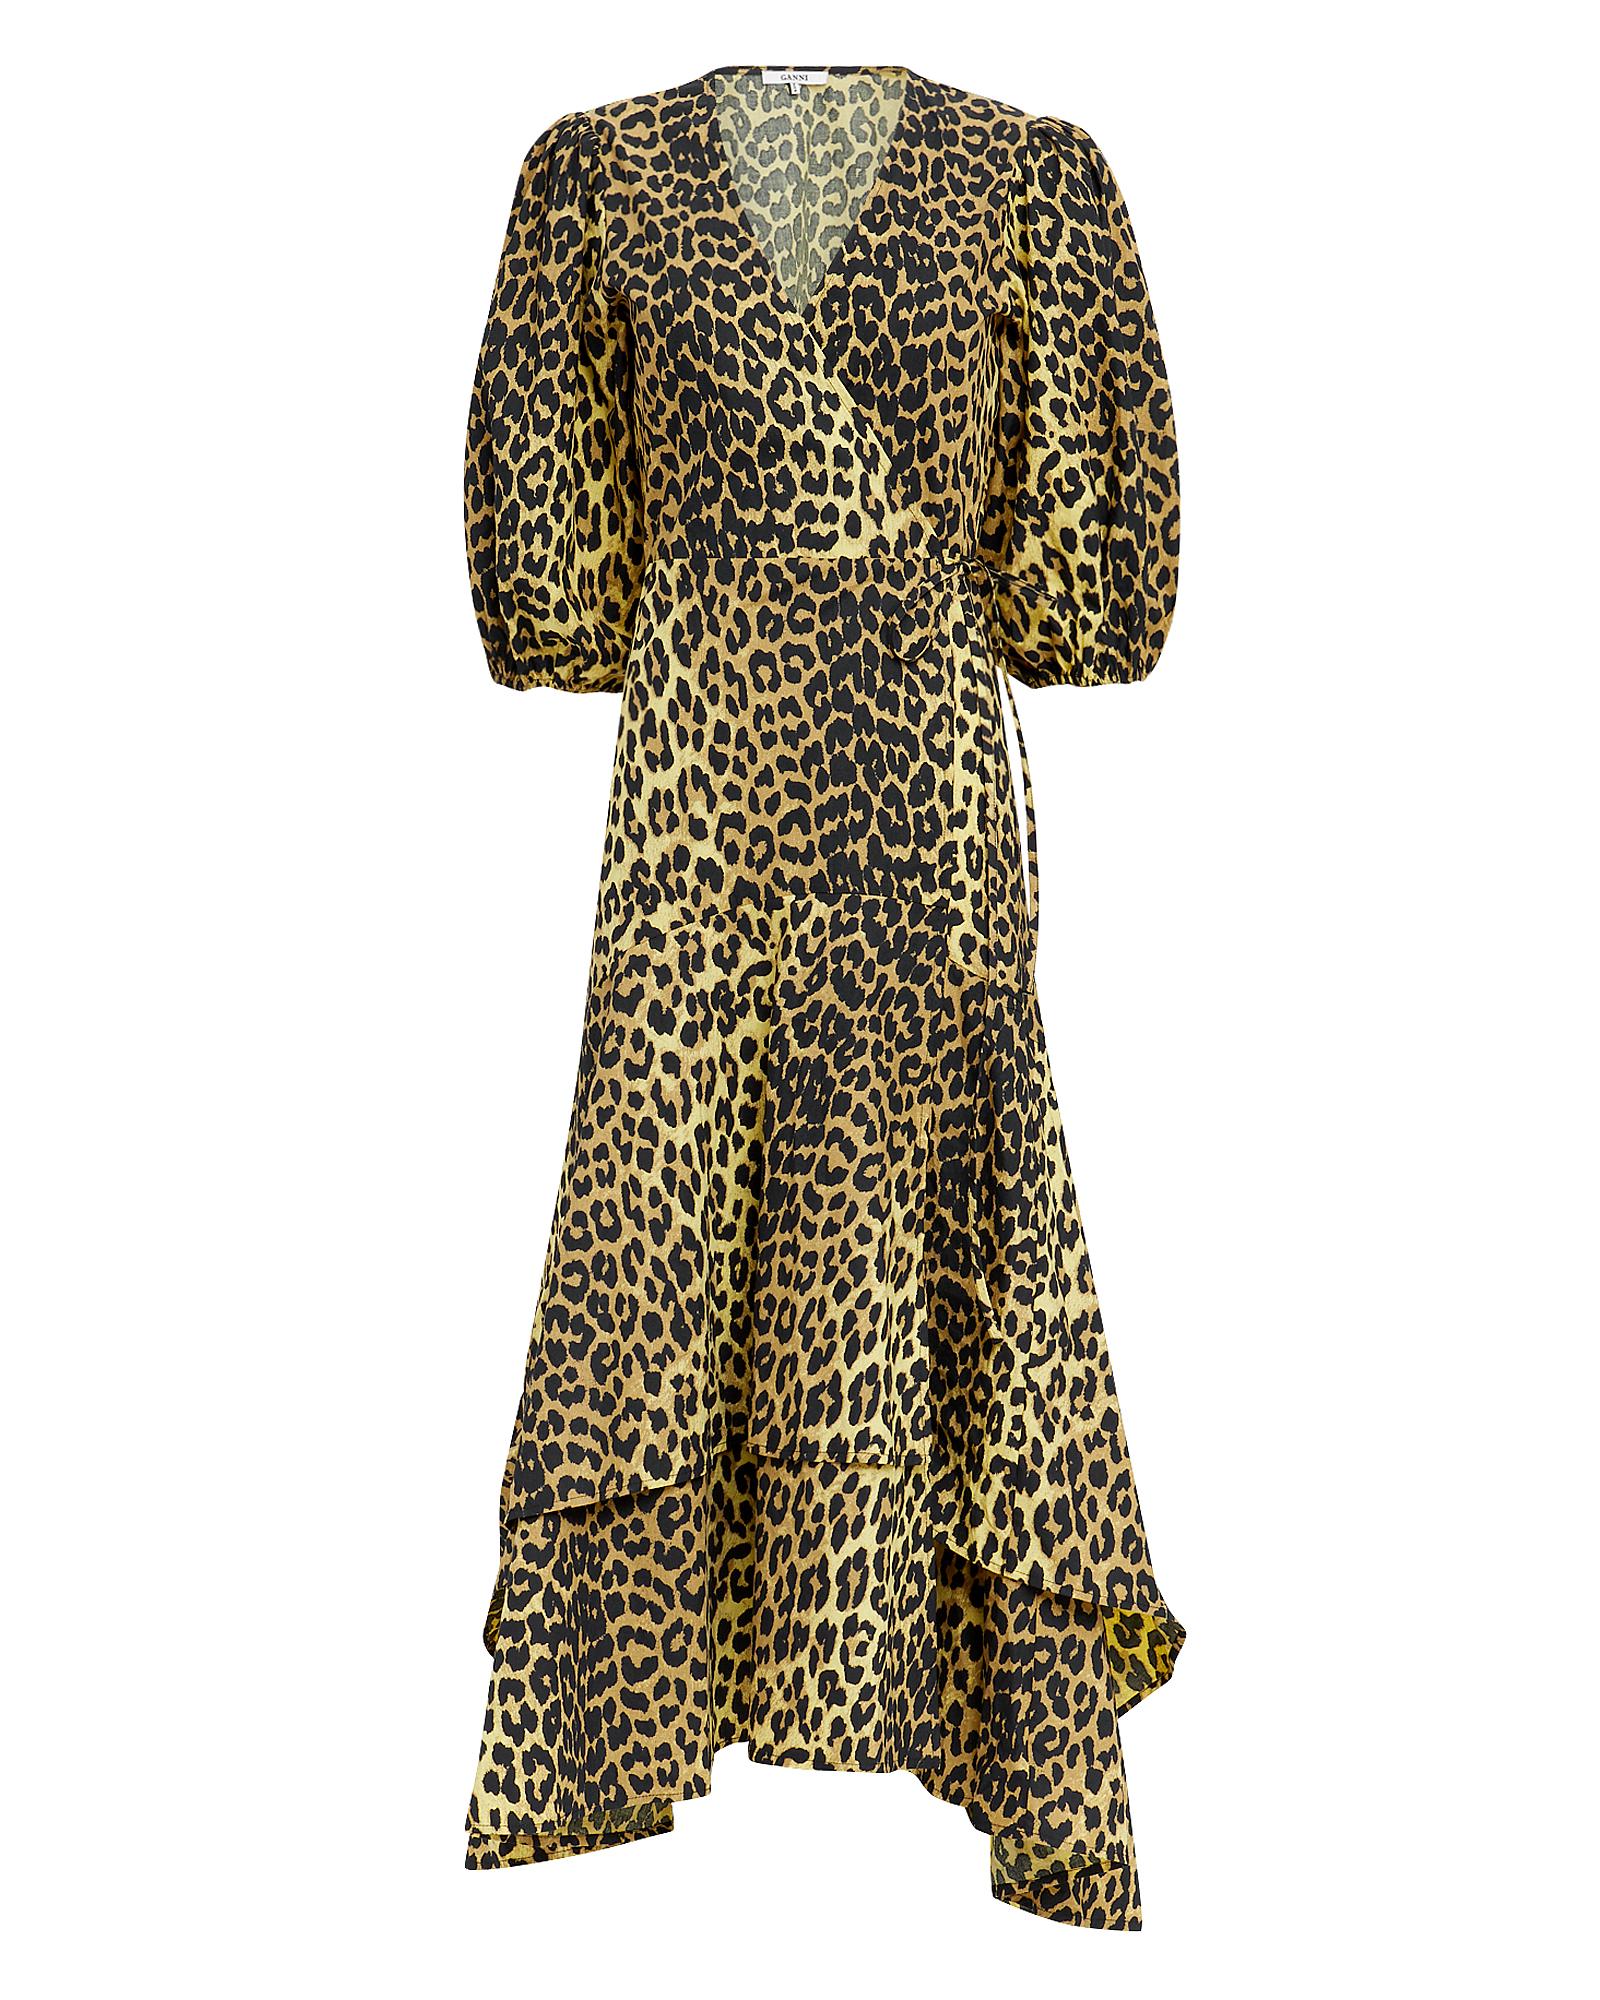 Ganni Dresses GANNI LEOPARD YELLOW WRAP MAXI DRESS  MULTI 34